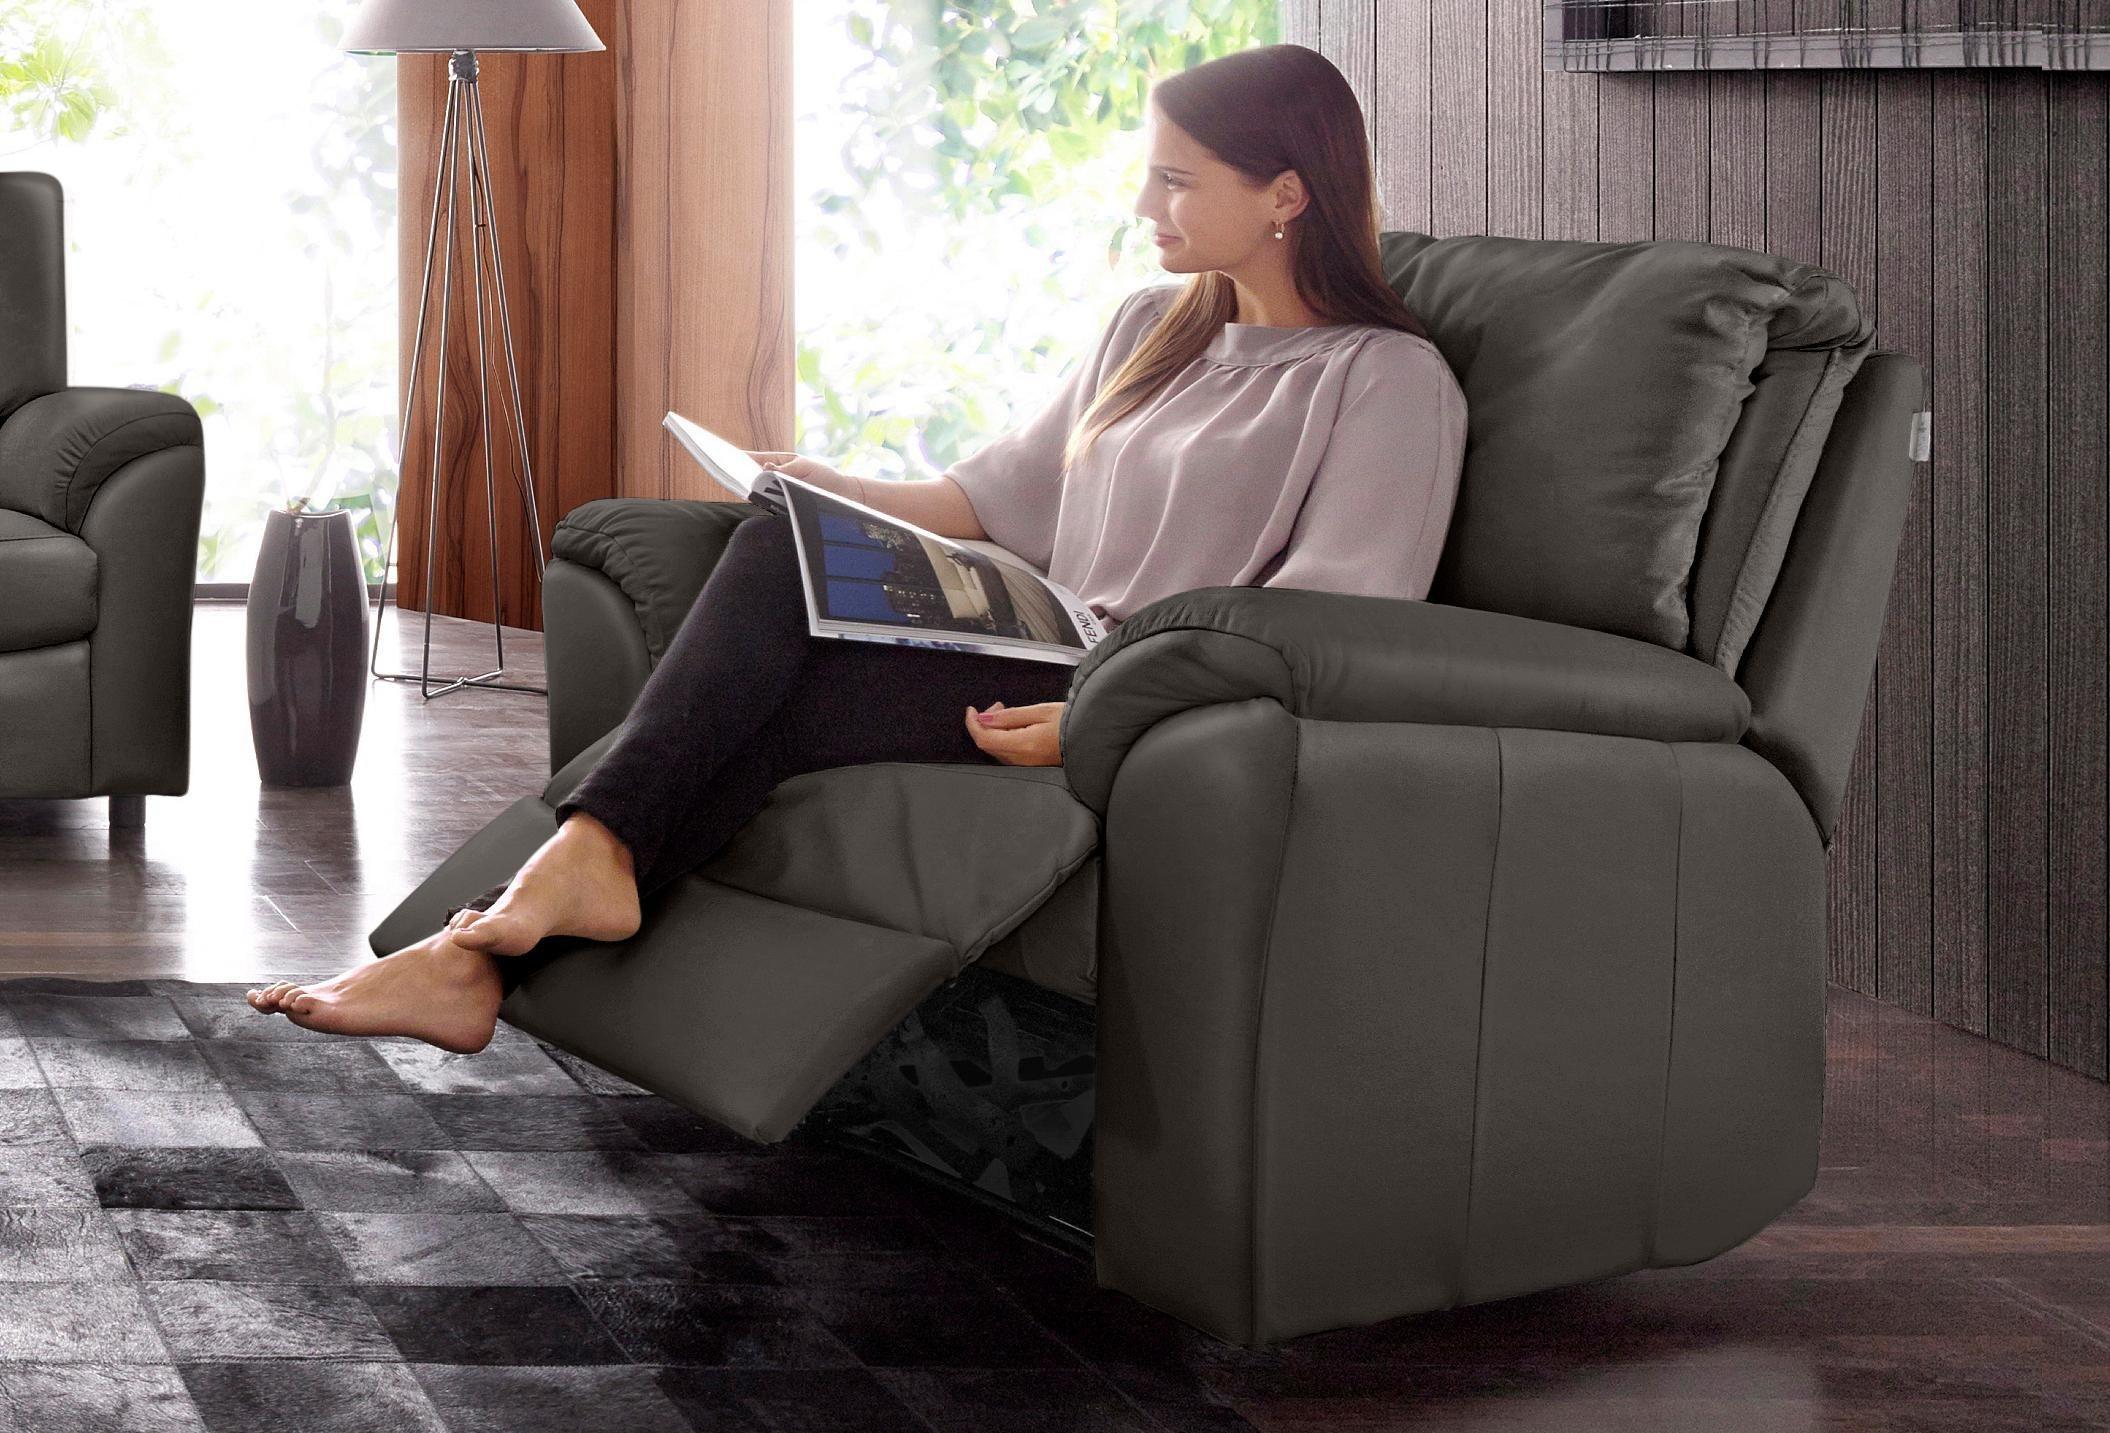 schoko Relaxsessel online kaufen | Möbel-Suchmaschine | ladendirekt.de